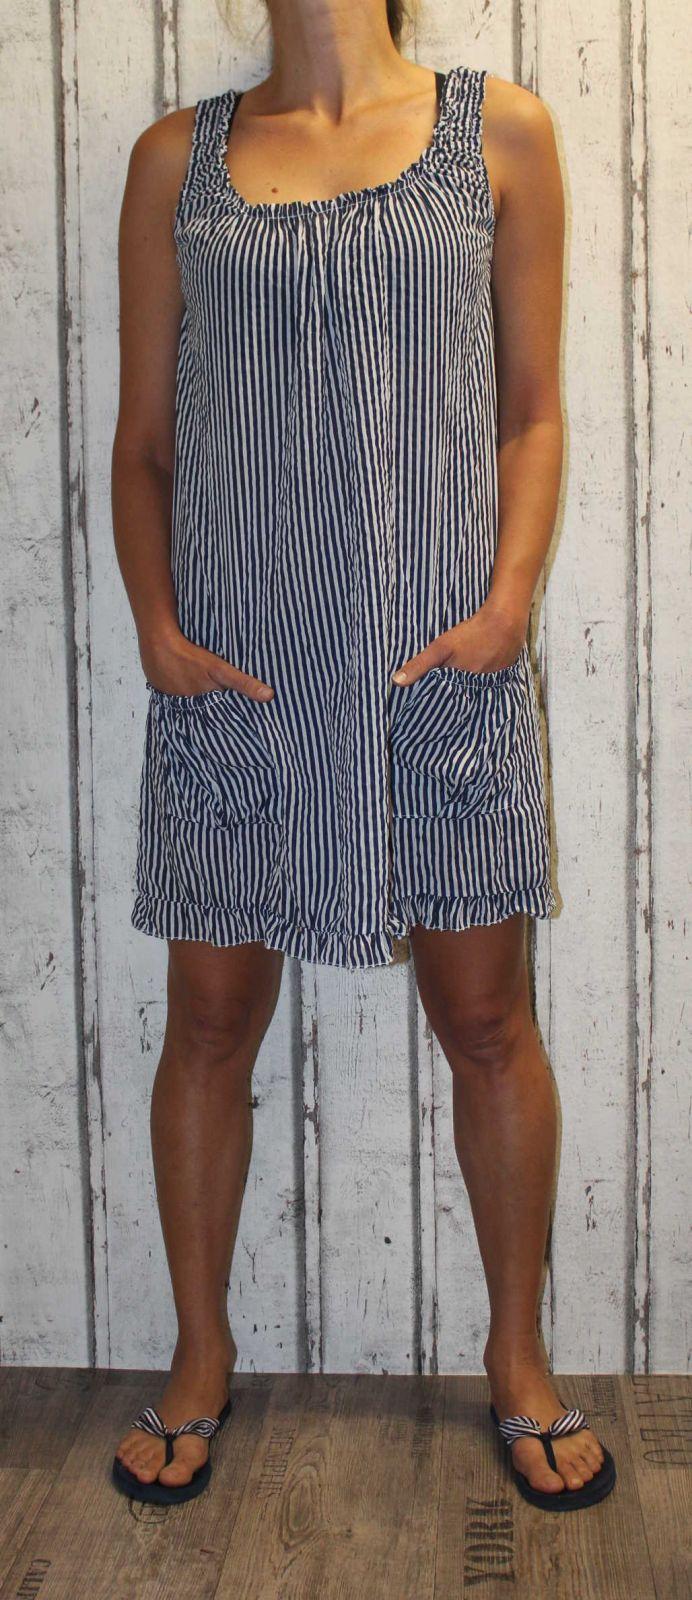 Dámské šaty, plážové šaty, pohodlné šaty, pruhované šaty Italy Moda